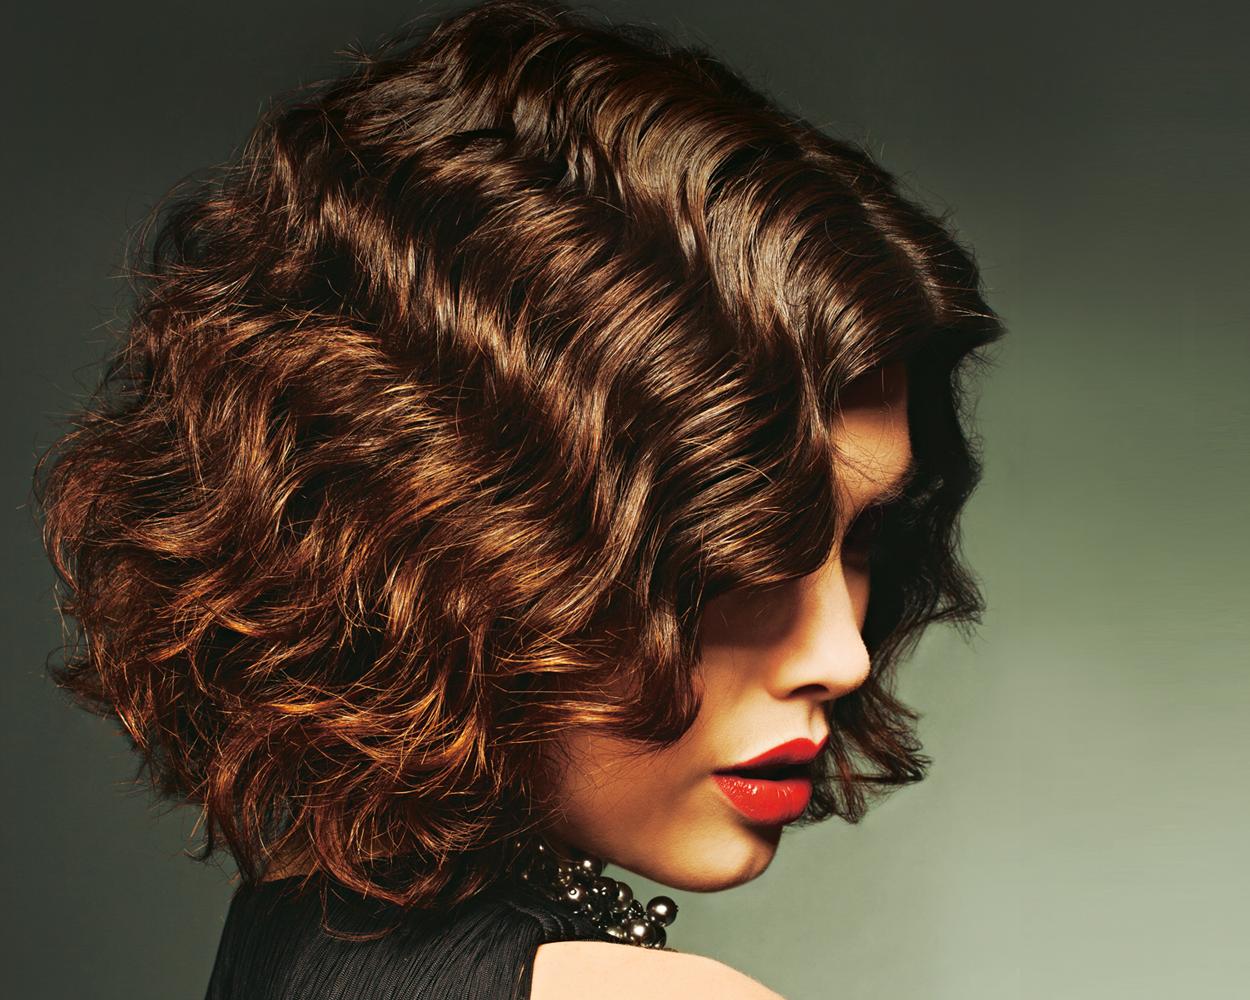 Как сделать укладку волос волнами на волосах